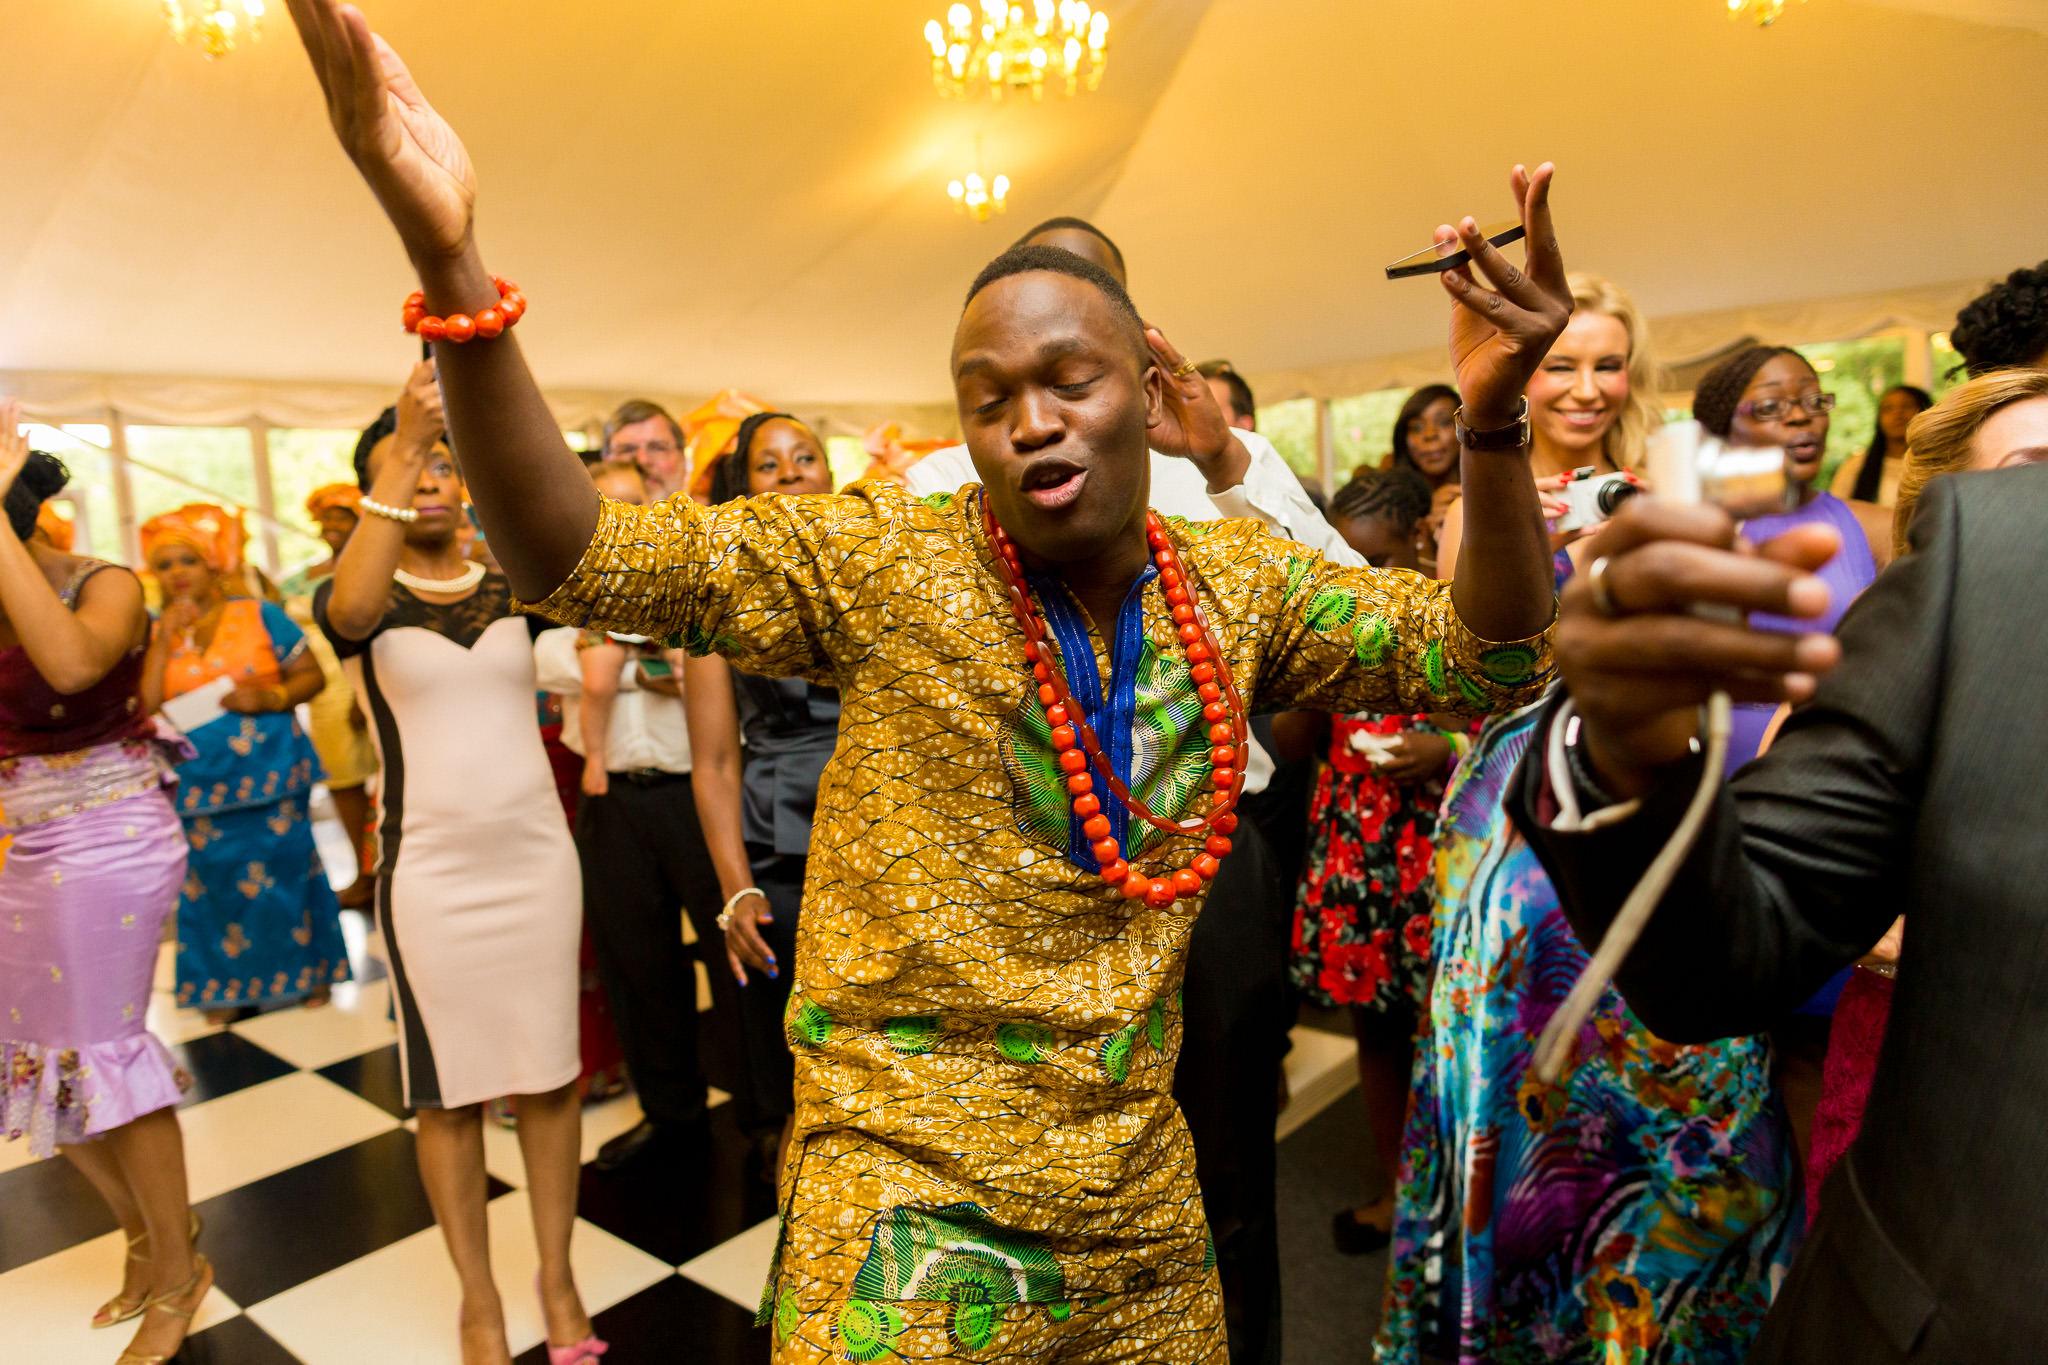 Addington Palace wedding party